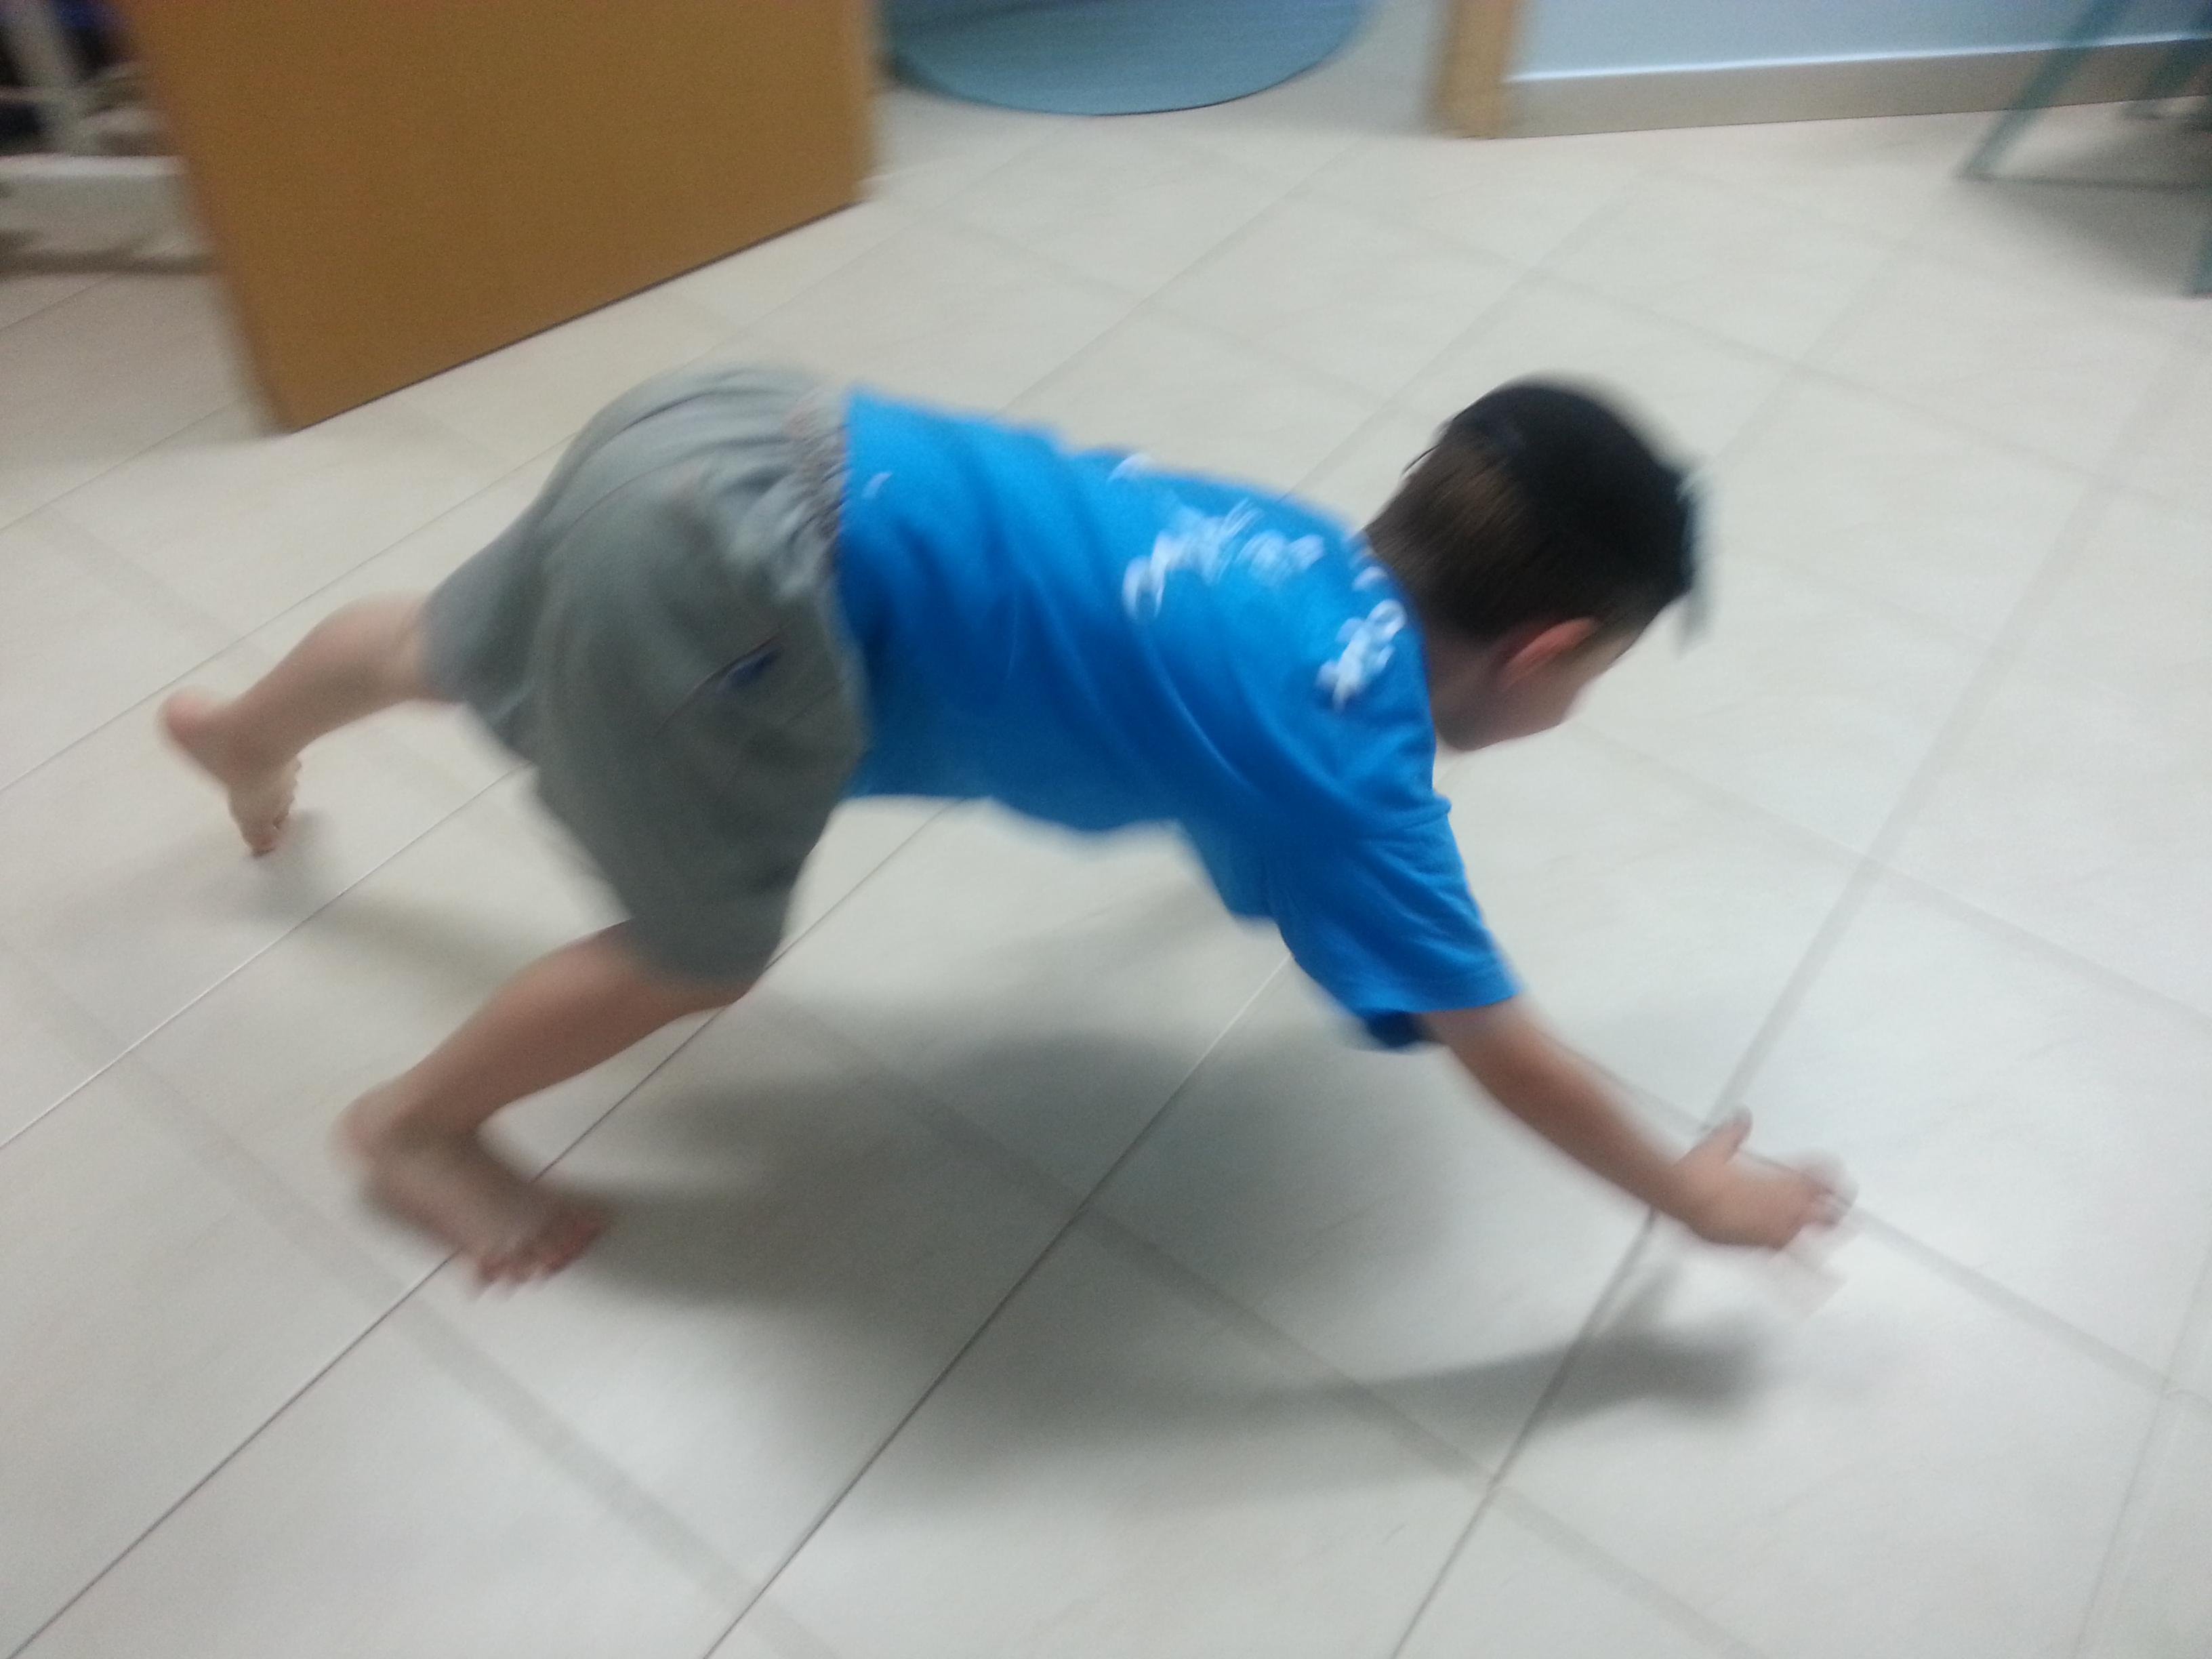 פעילות גופנית לשיפור הפרעת קשב וריכוז